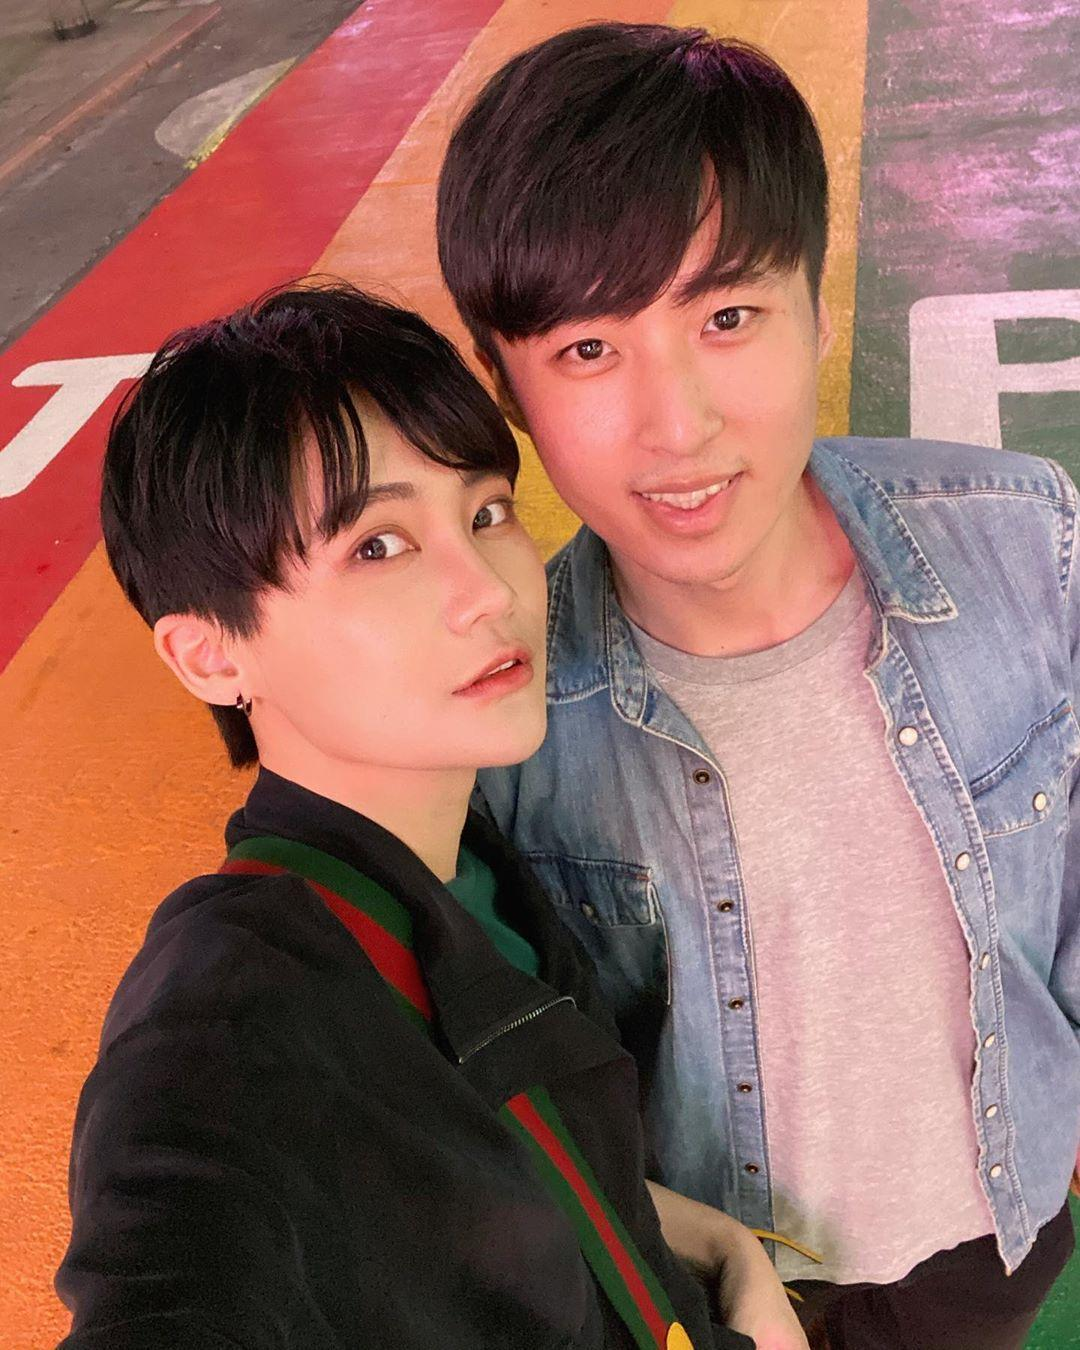 賴品妤(左)與男友曾玟學(右)的背景合照,其實早已在她的IG上曝光過。(翻攝自賴品妤IG)